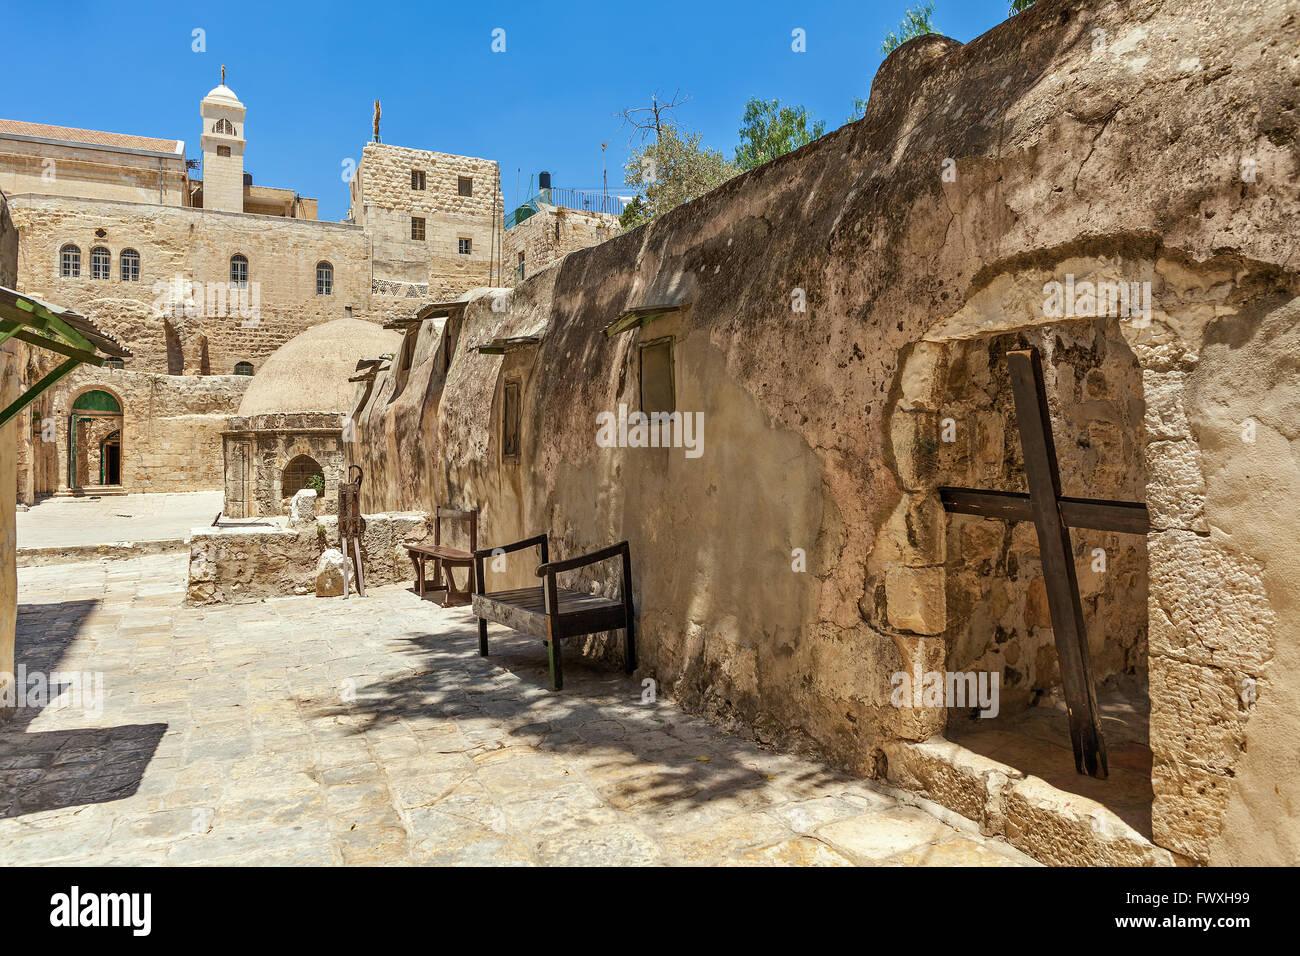 Cruz de madera y piedra, las celdas de los monjes en el techo de la Iglesia del Santo Sepulcro en Jerusalén, Imagen De Stock